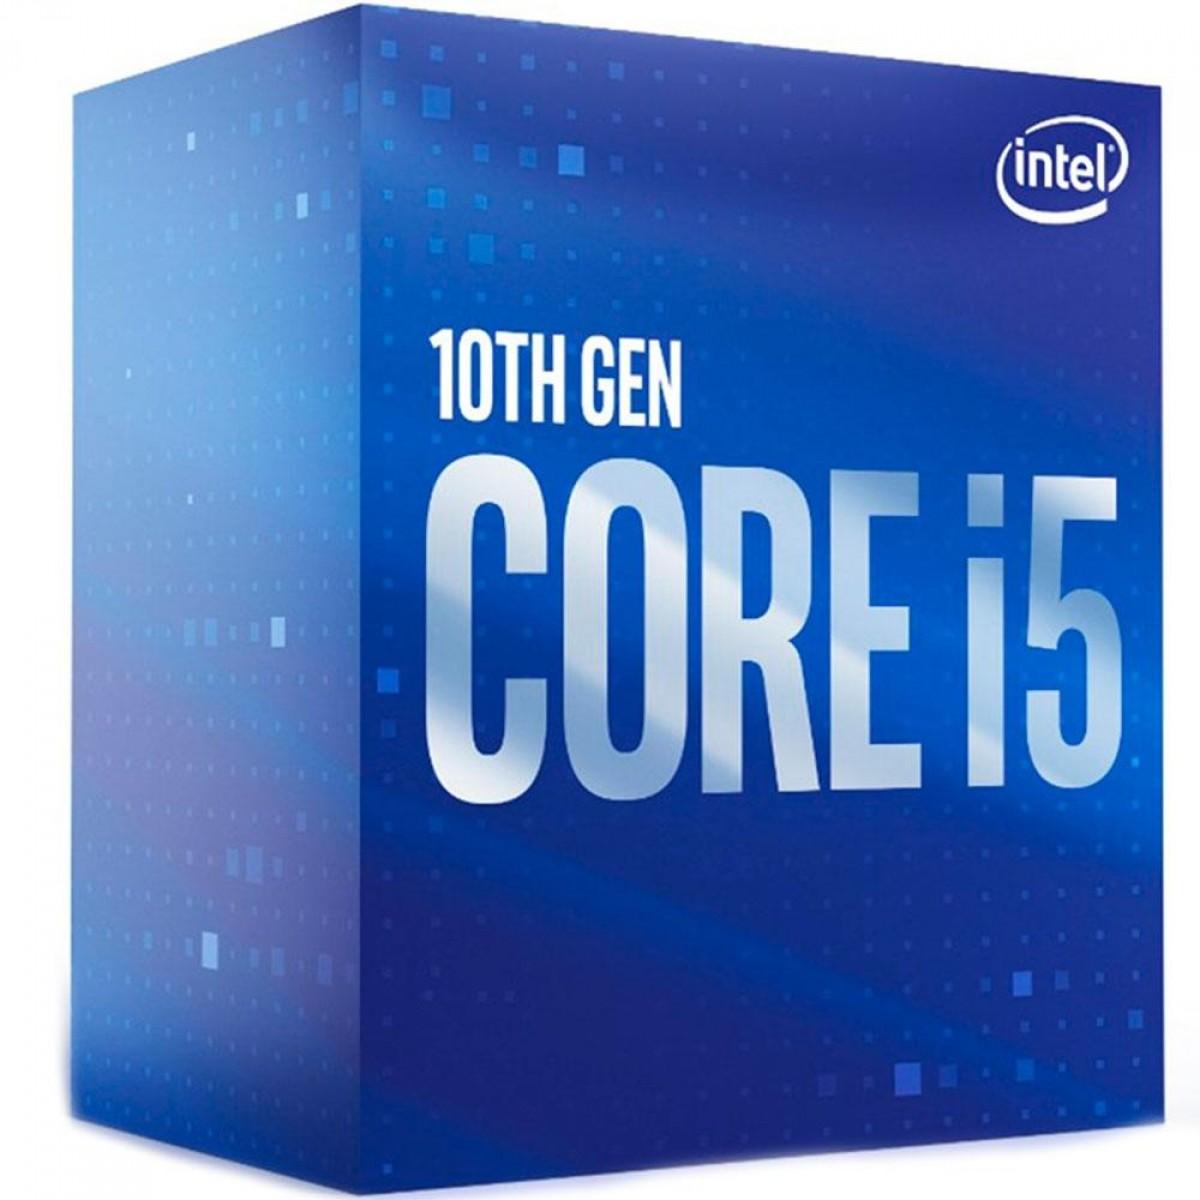 Kit Upgrade Biostar Radeon RX 550 2GB + Intel Core i5 10400F